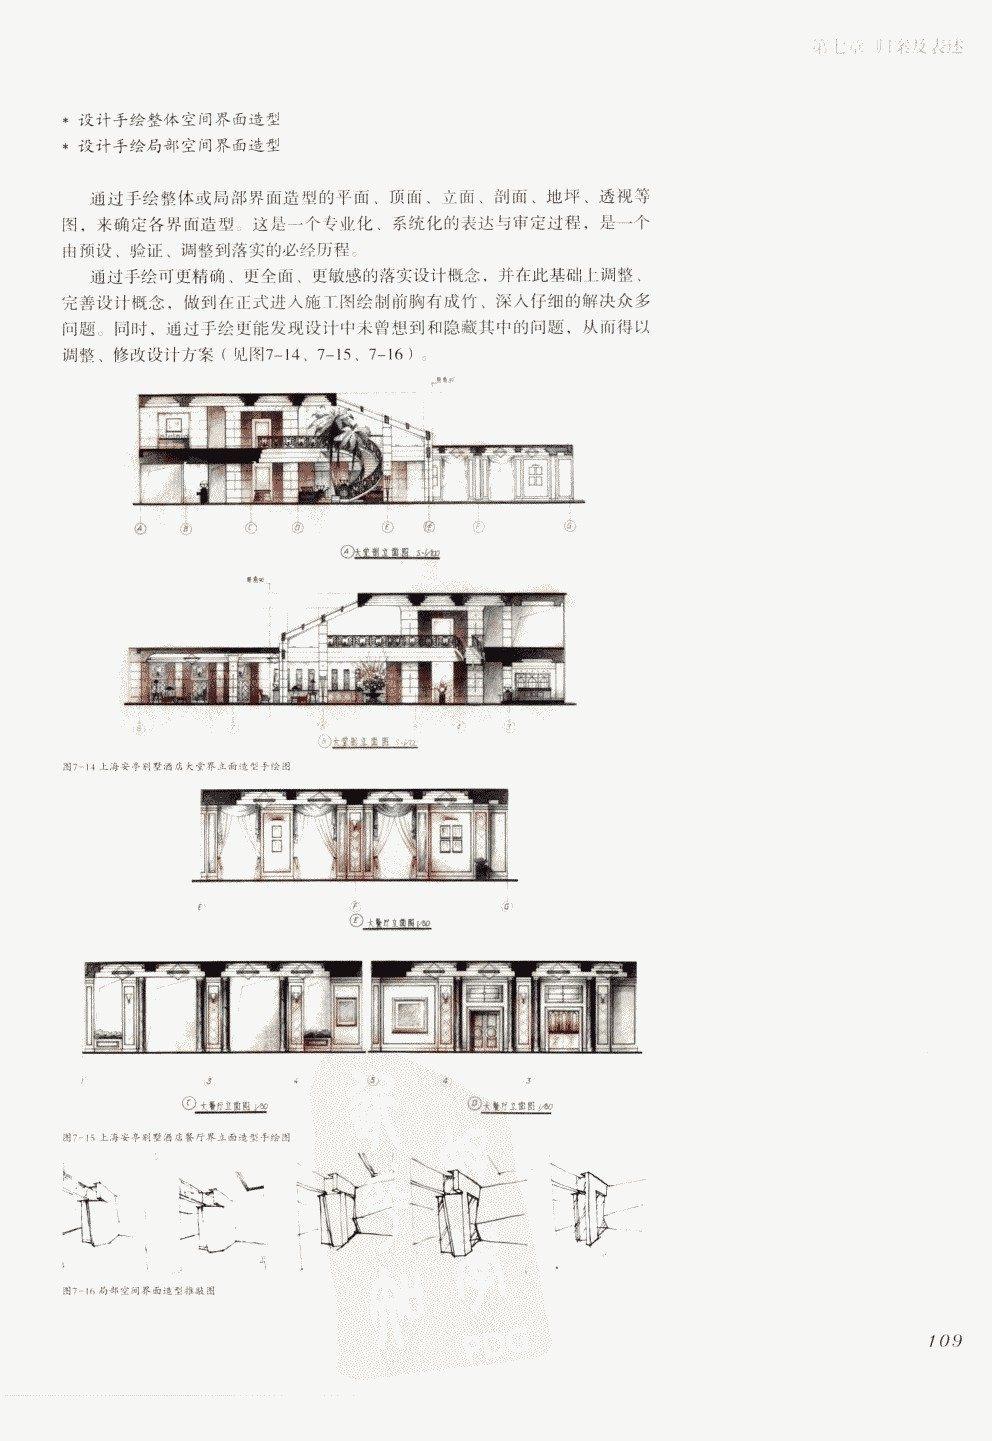 室内设计纲要++概念思考与过程表达_室内设计纲要  概念思考与过程表达_1297982..._页面_117.jpg